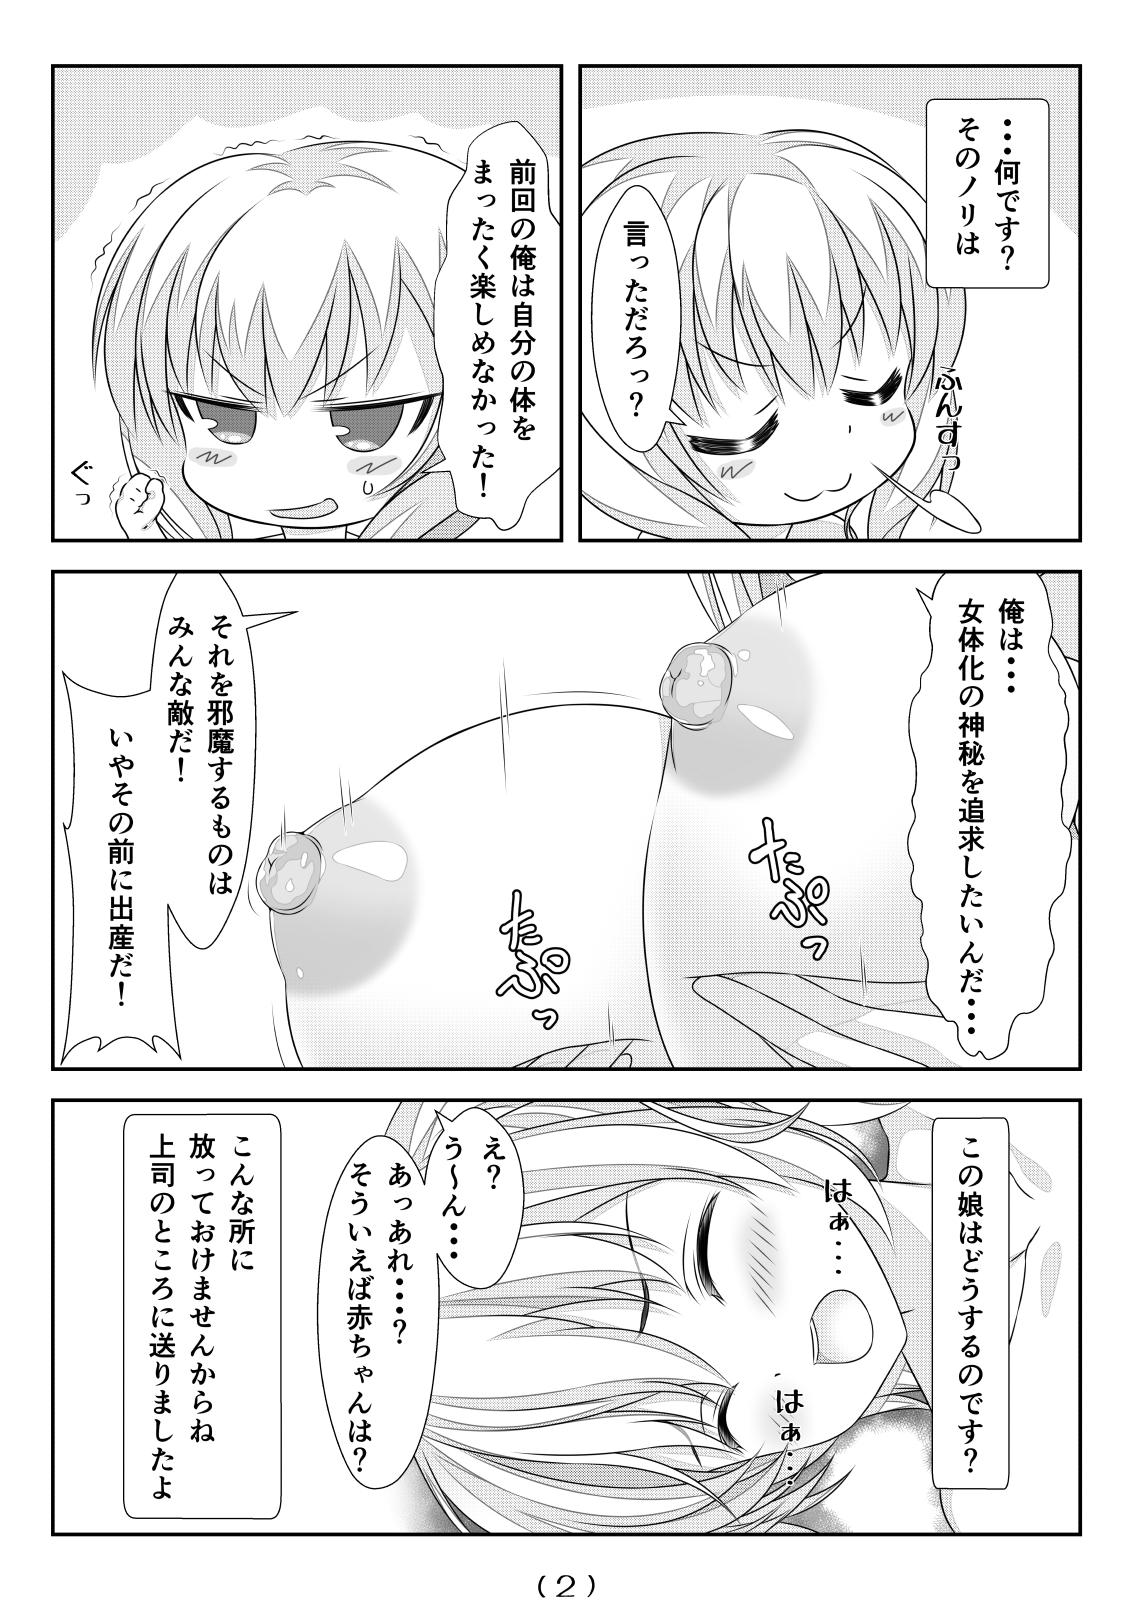 Nyotaika Cheat ga Isekai demo Souzou Ijou ni Bannou Sugita Sono 5 2